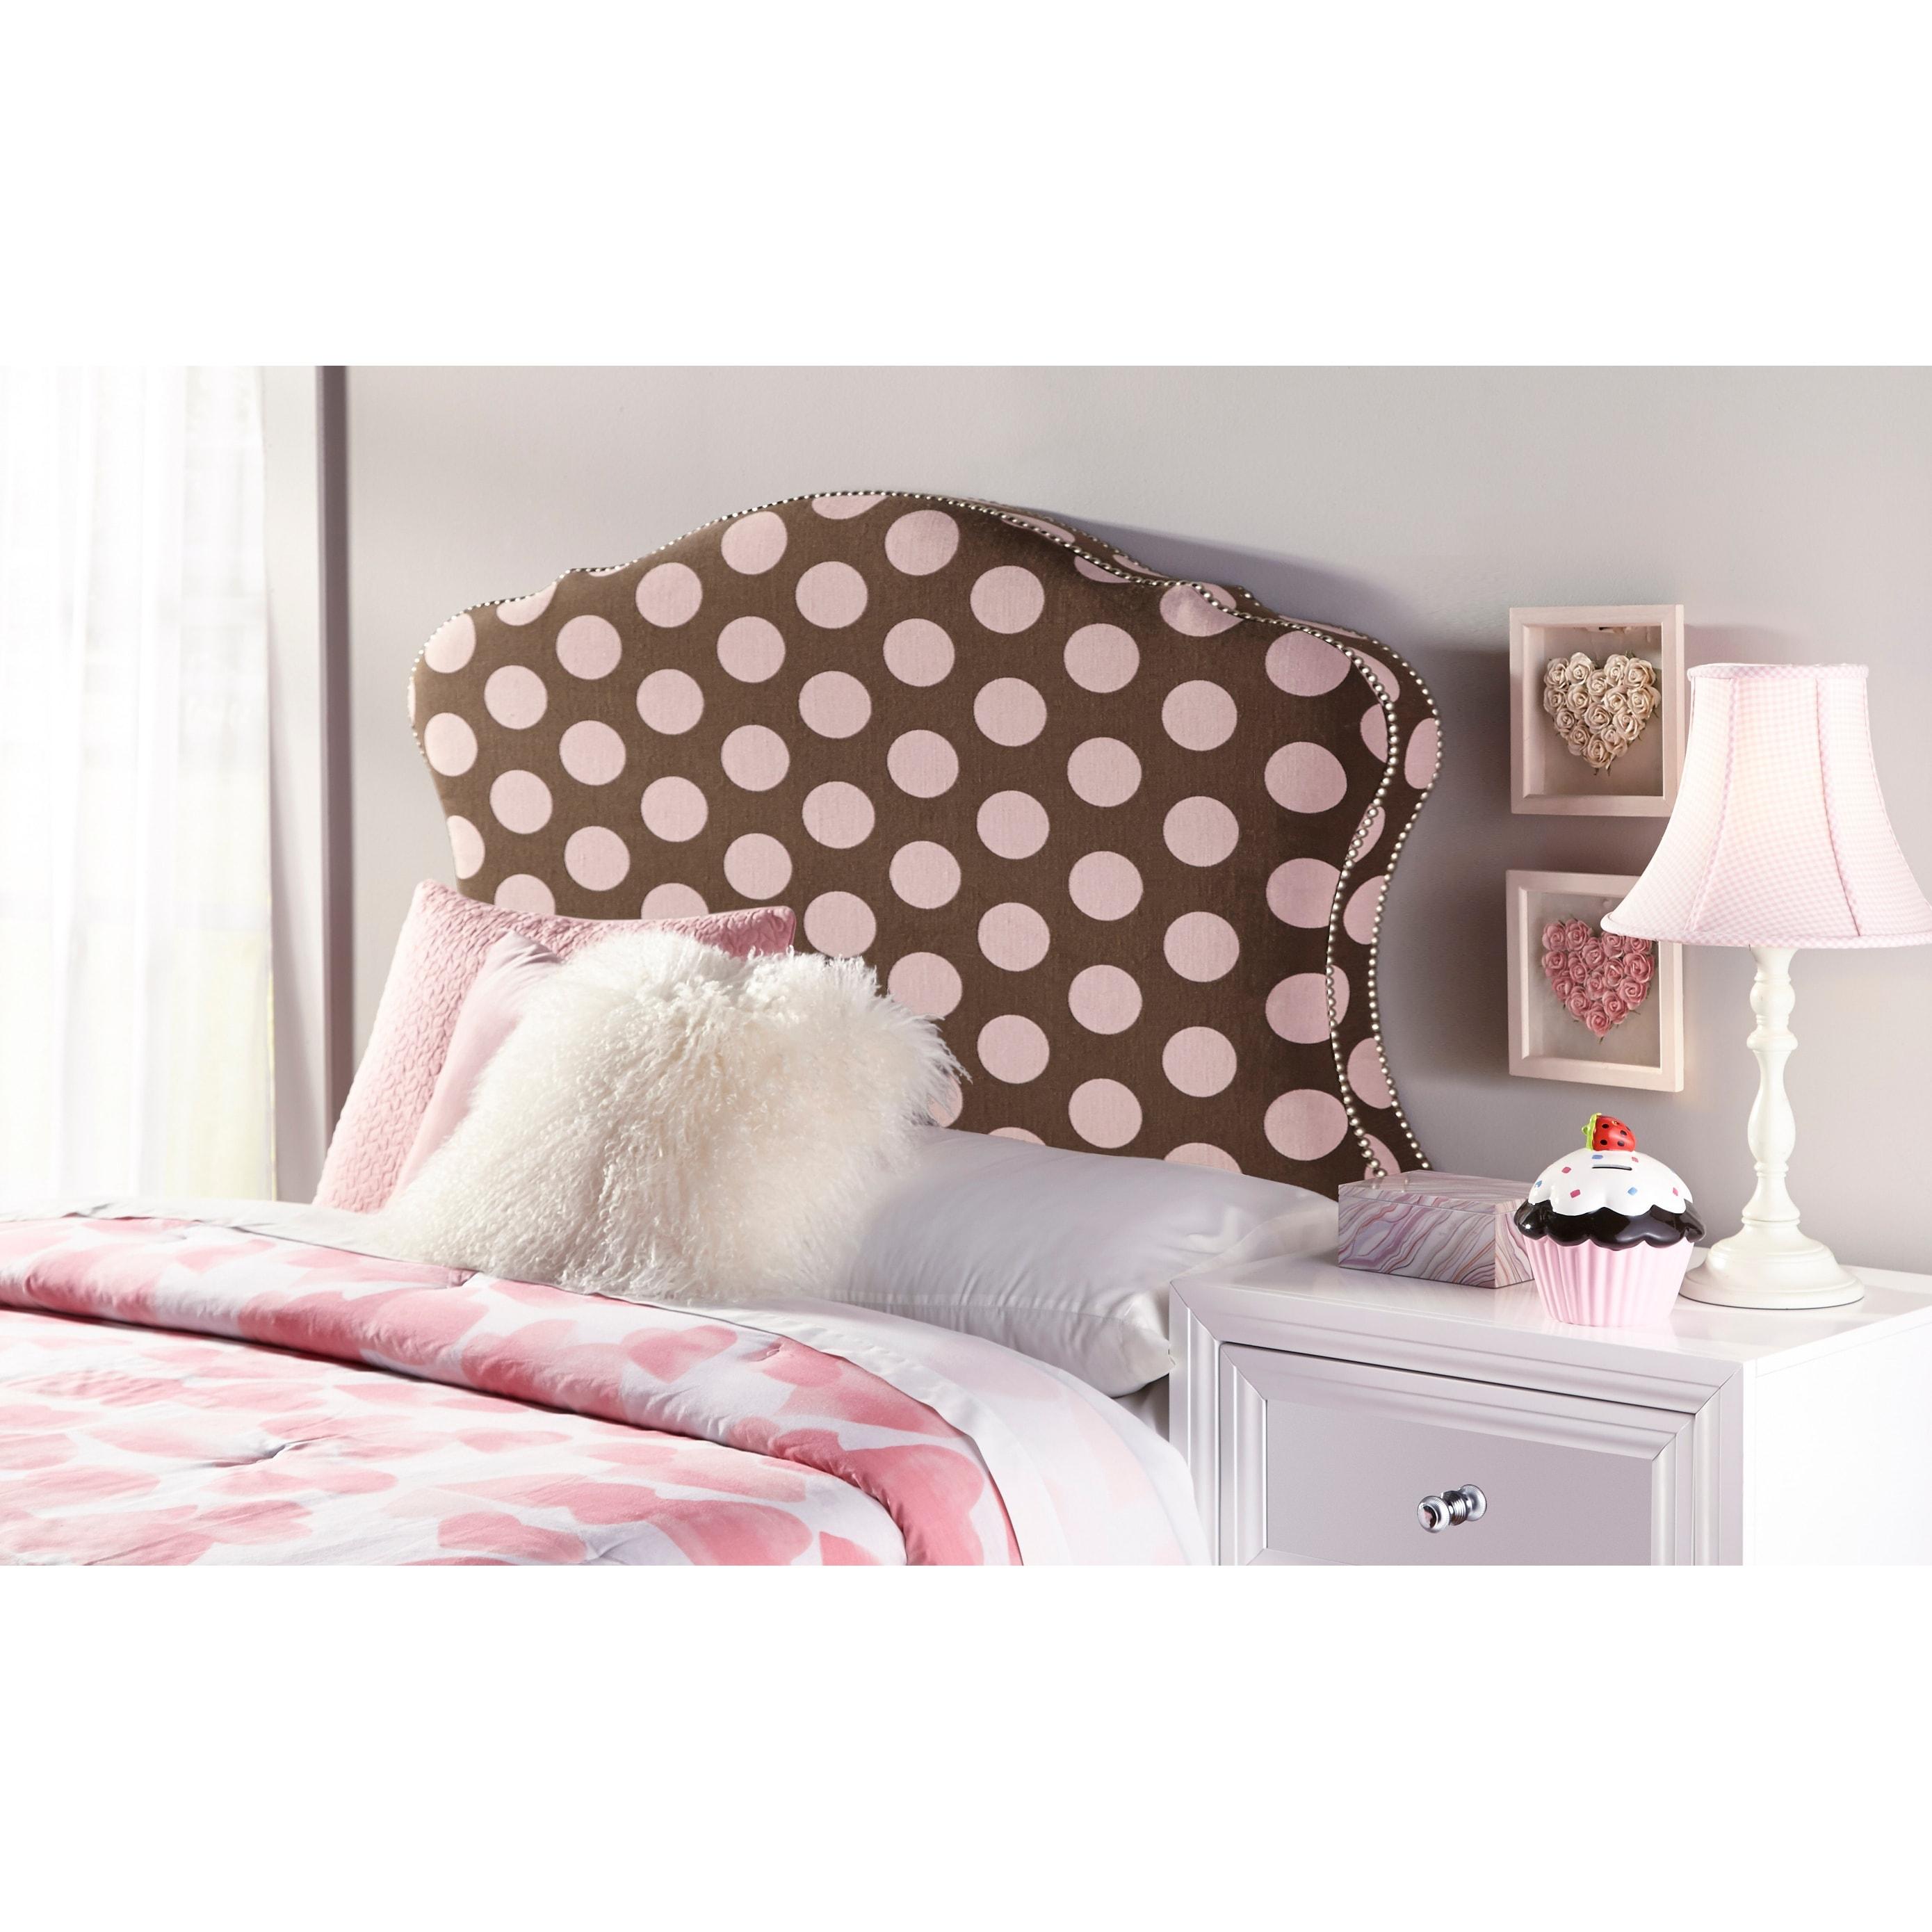 Full Queen Pink Headboard On Sale Overstock 31508277